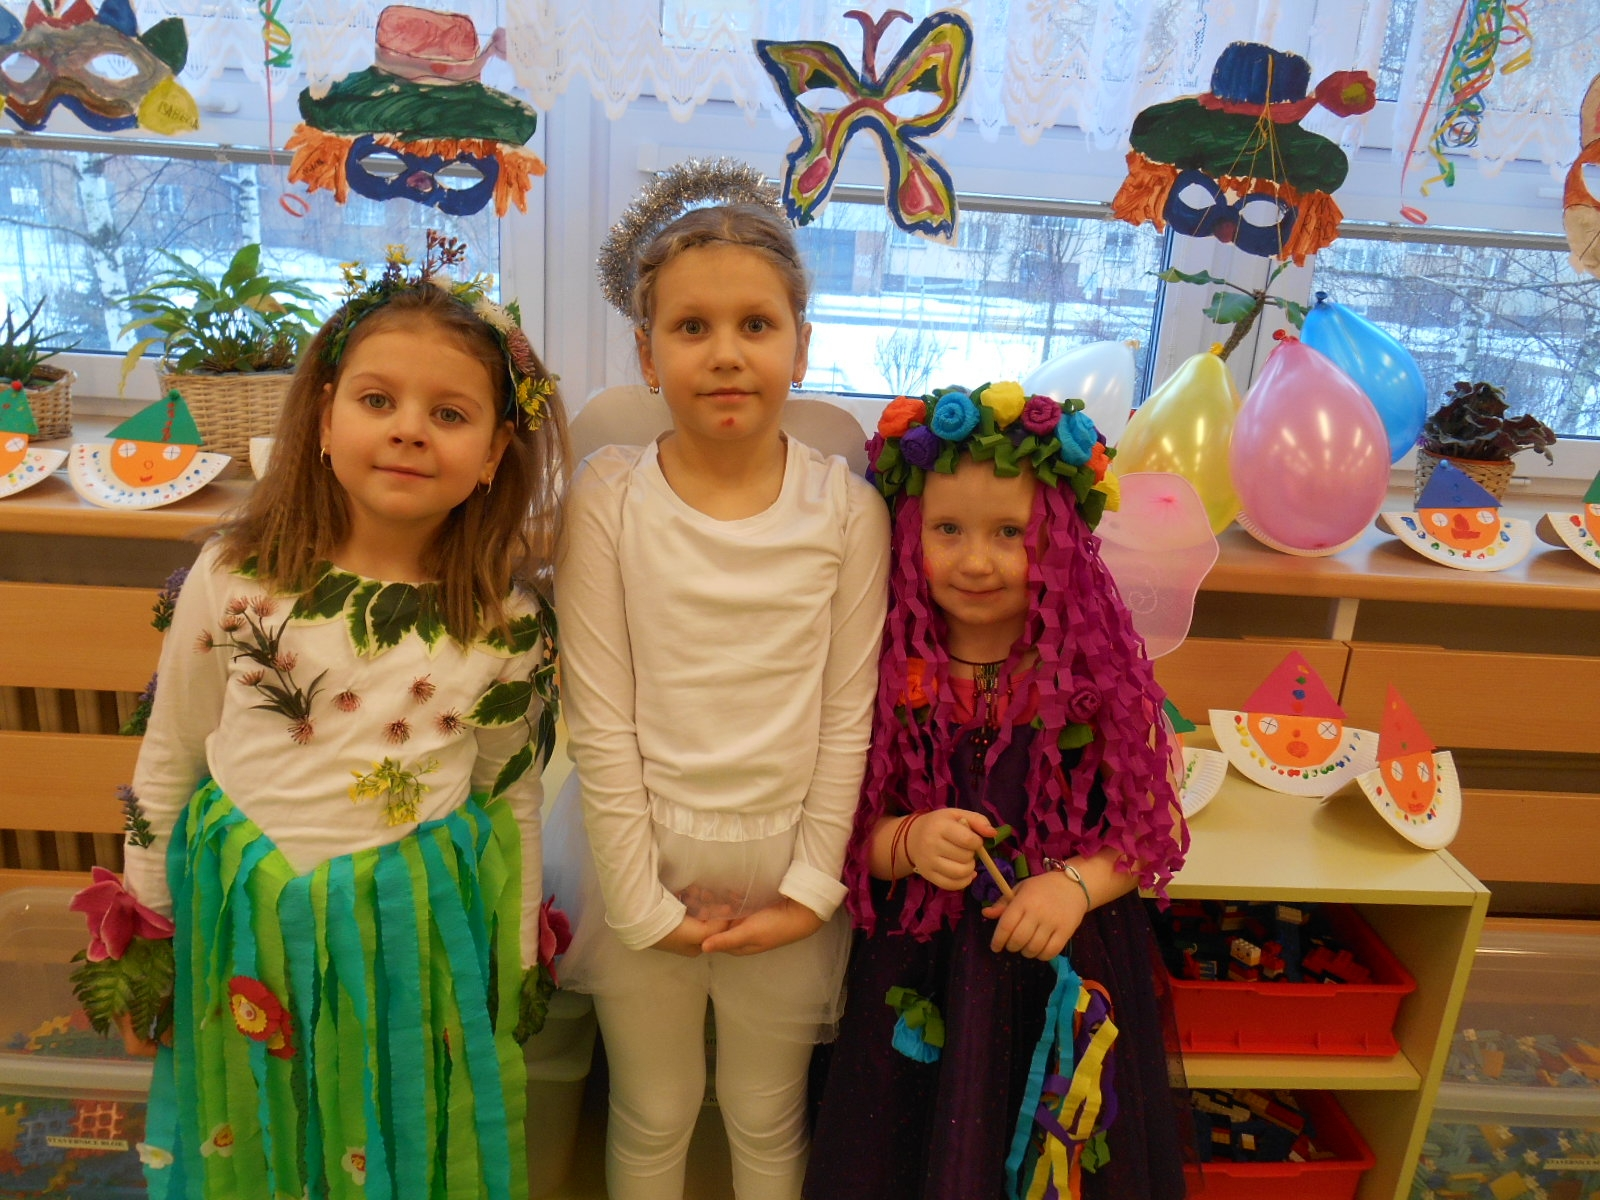 děvčata v kostýmech